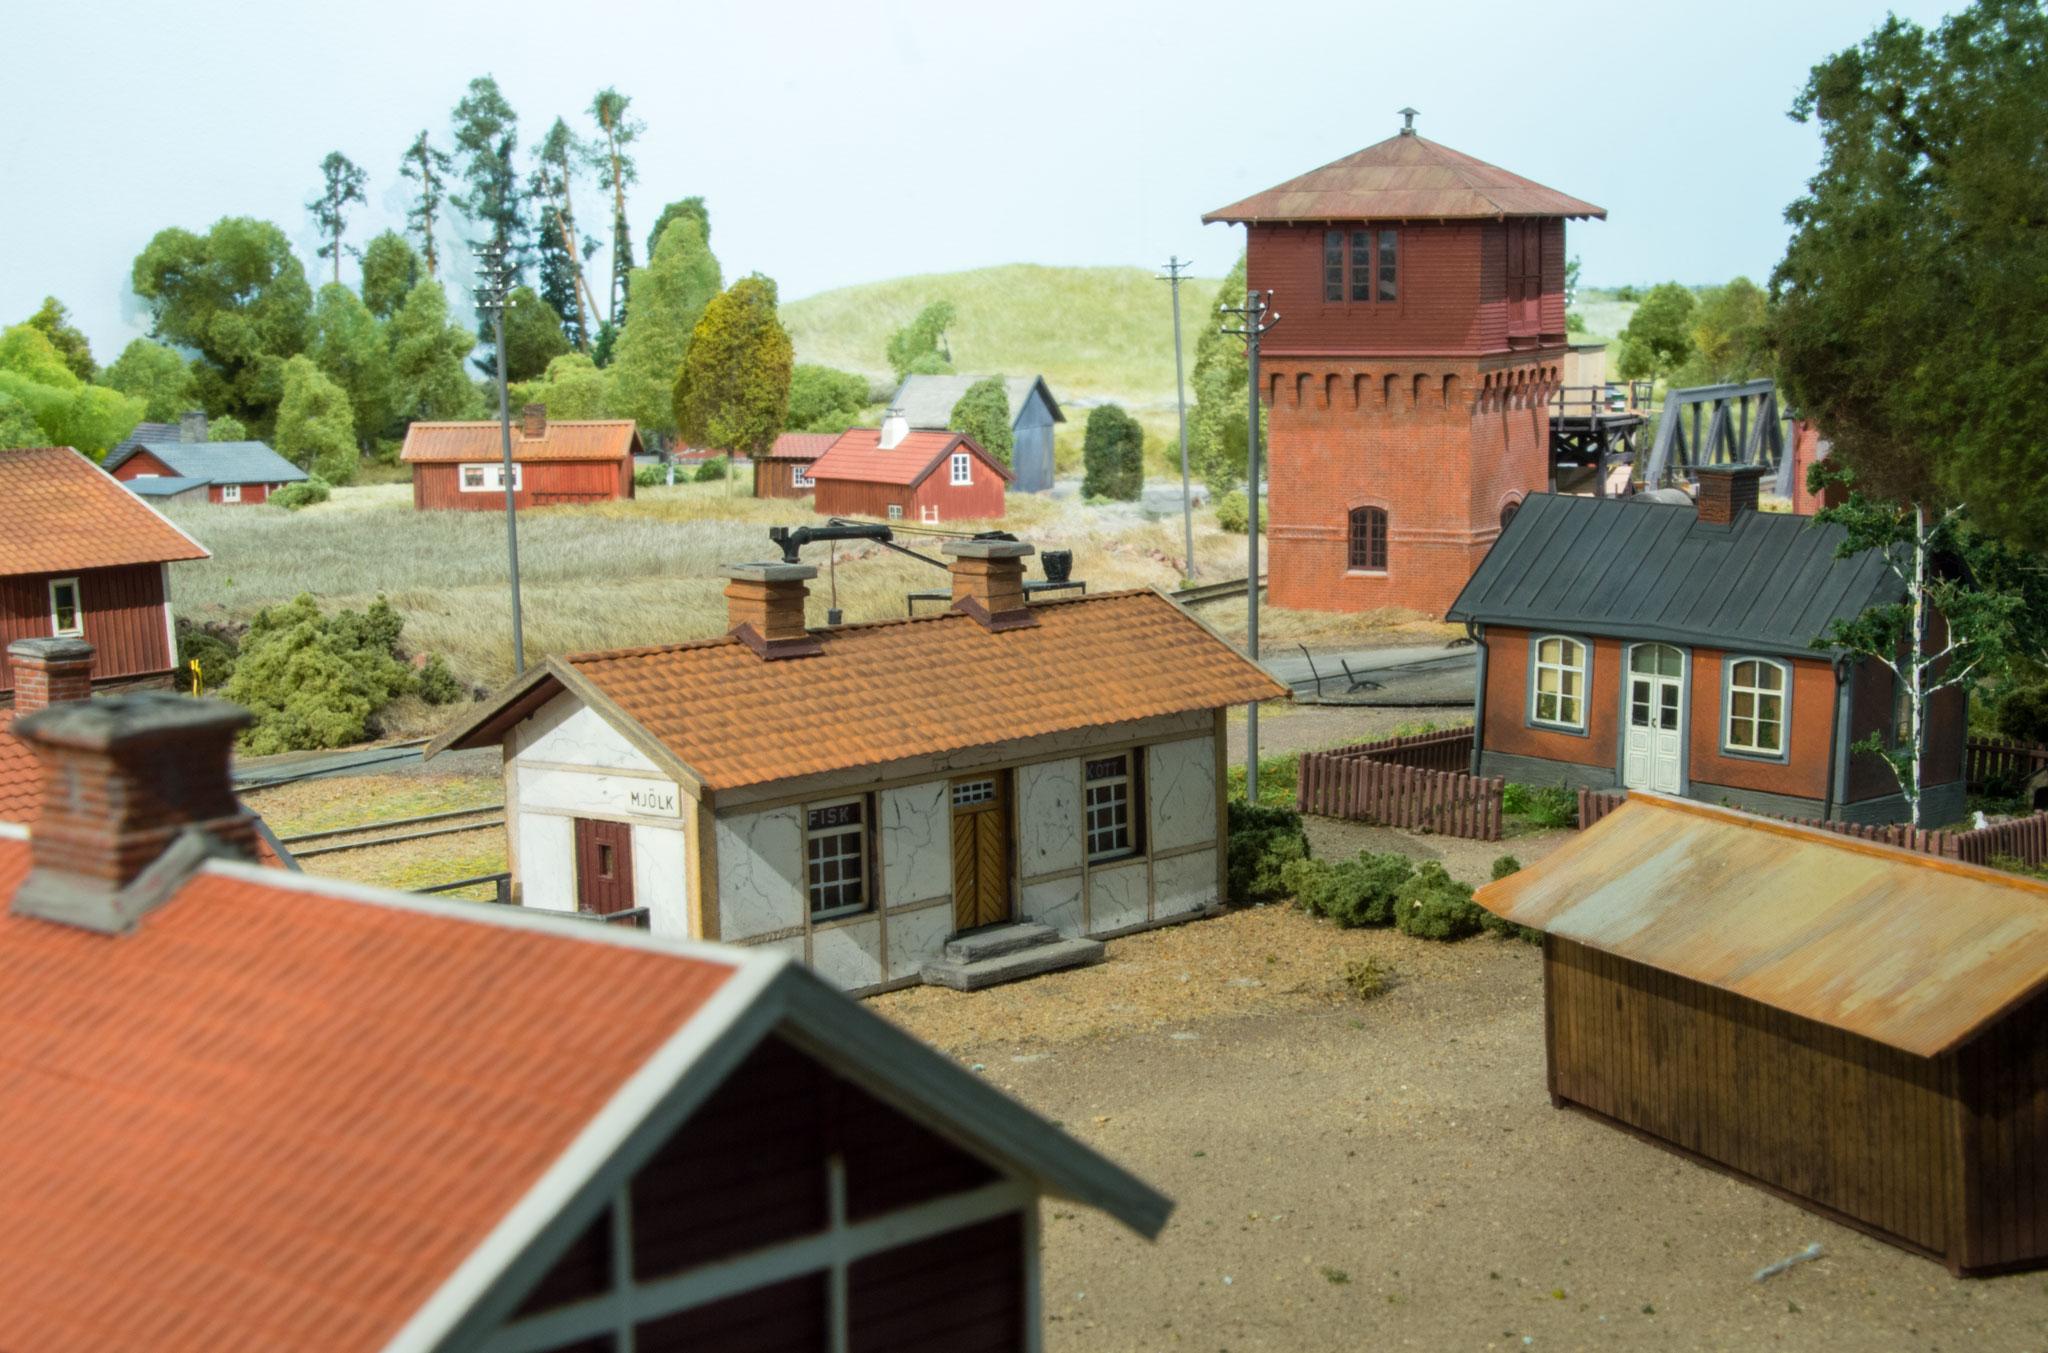 Remiseområdet i Kvarstad